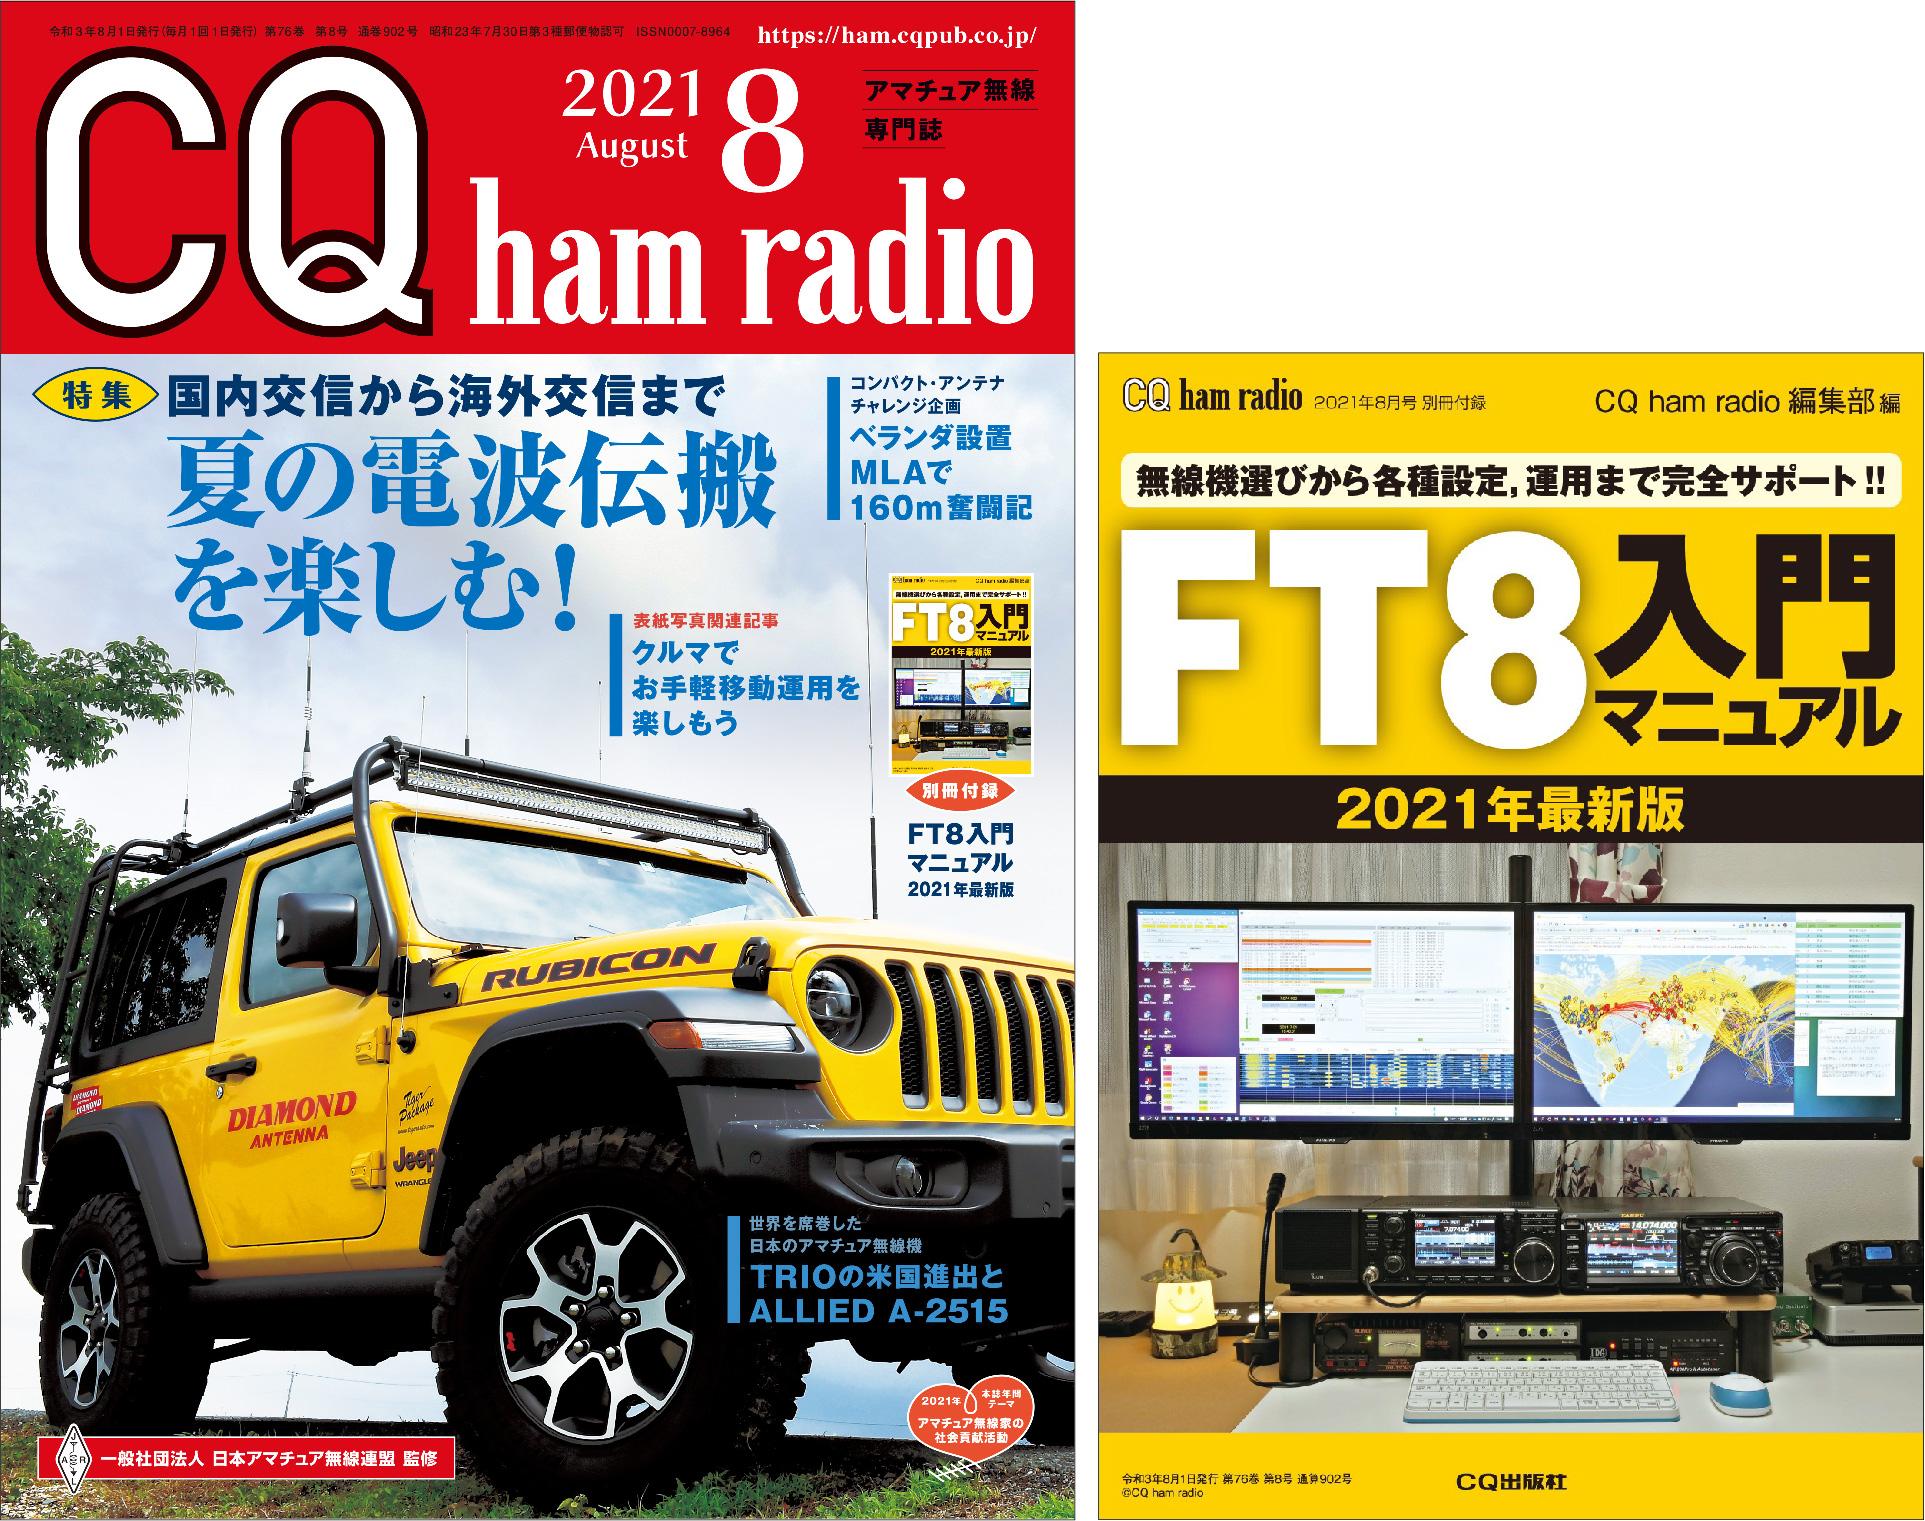 CQ ham radio 2021年 8月号